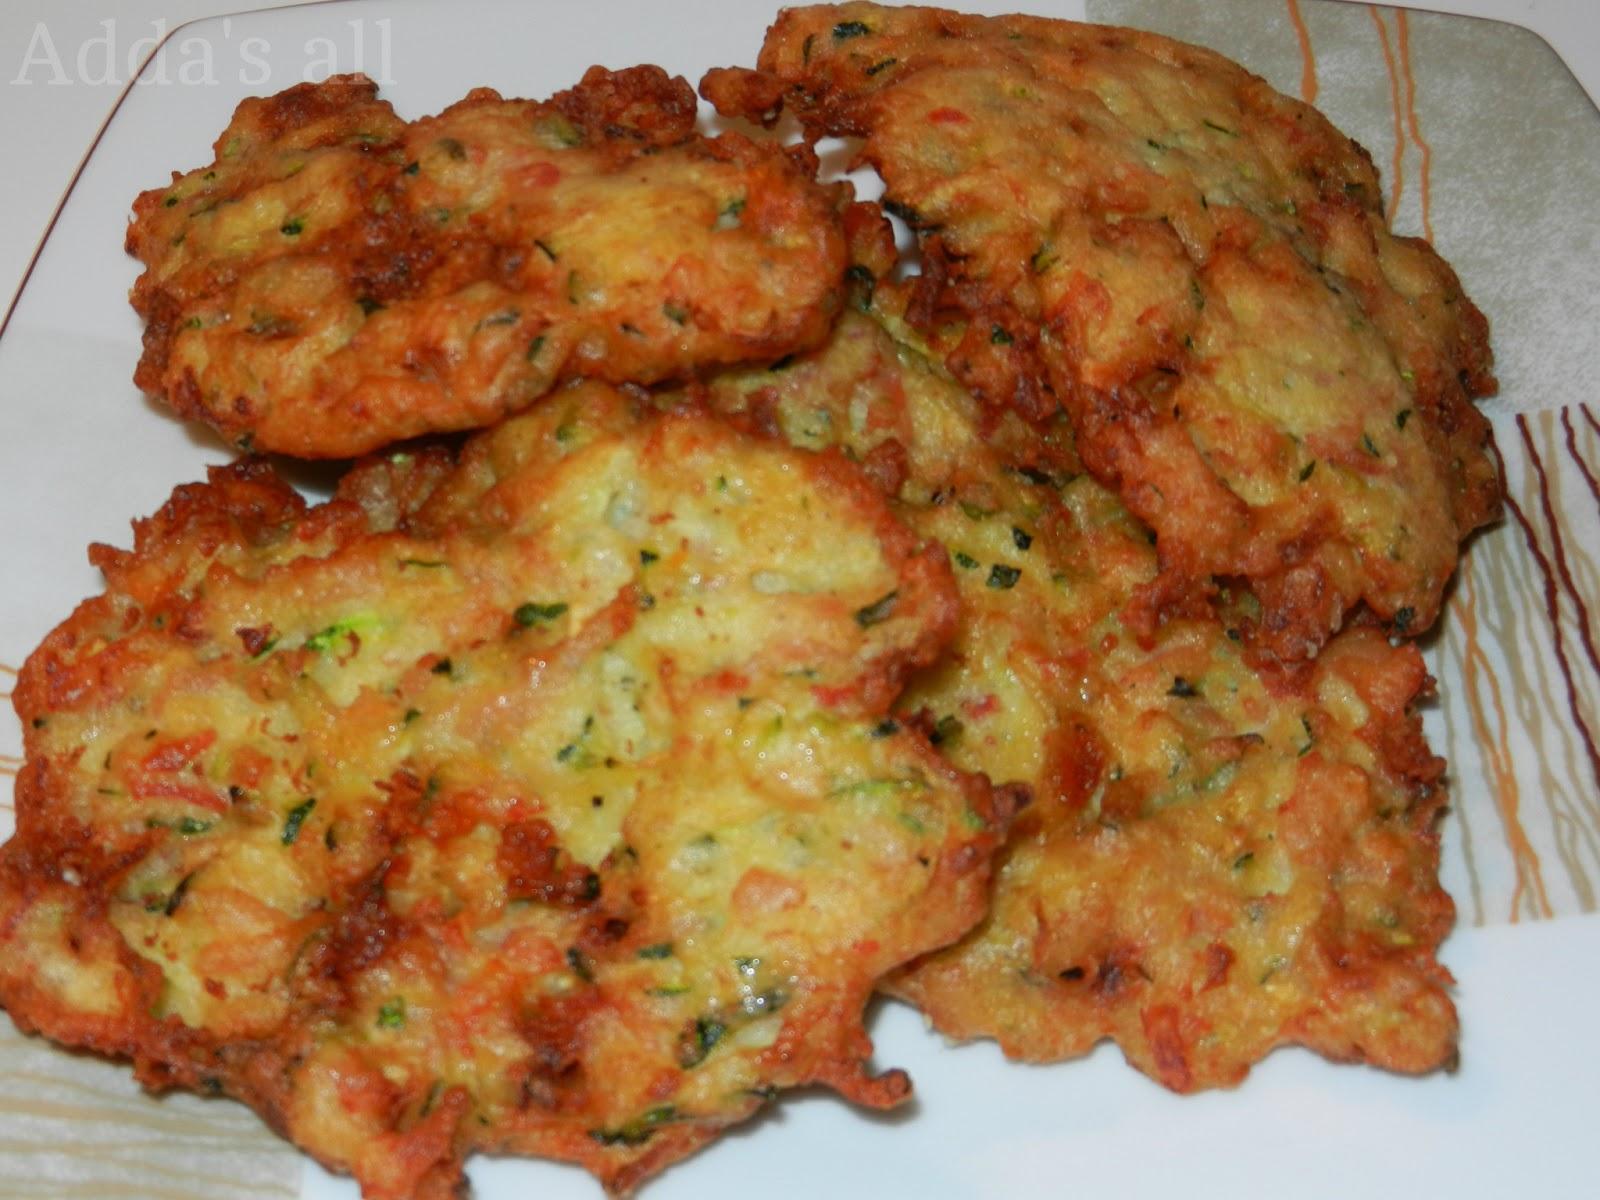 Amato Adda's All : Frittelle di zucchine BT68